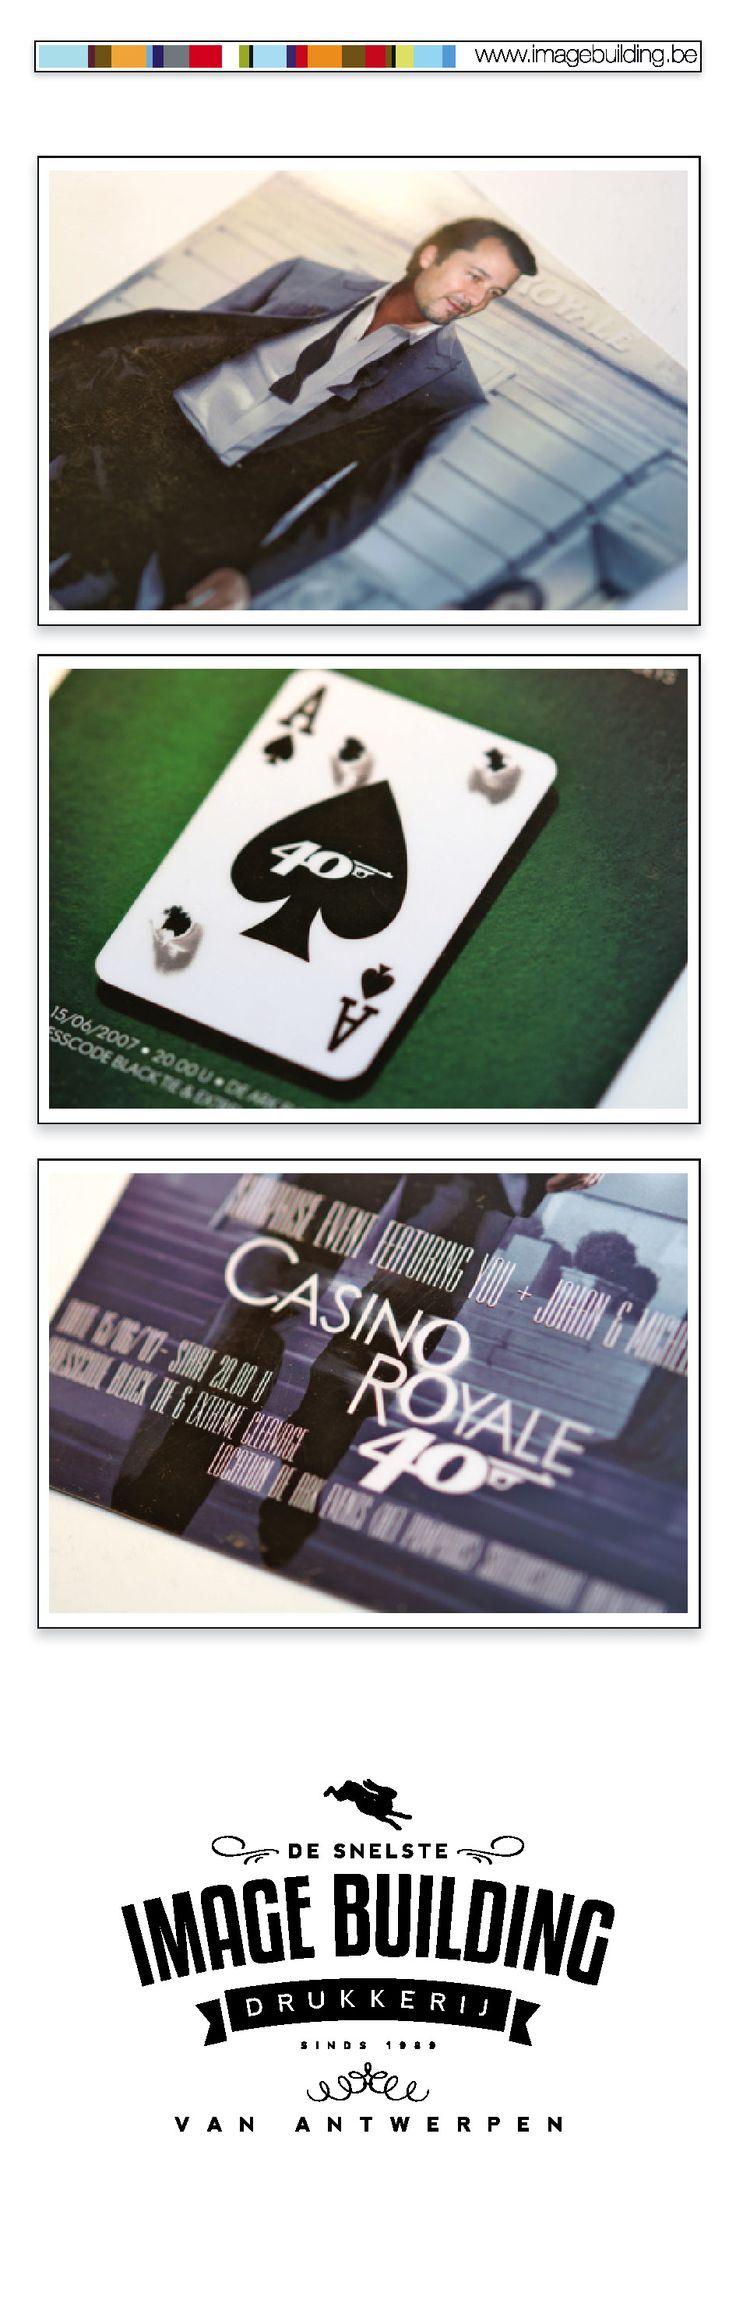 Ontwerp en druk uitnodiging privéfeest volgens thema James Bond - Casino Royal. #imagebuildingnv #desnelstedrukkerijvanantwerpen #uitnodiging #graphicdesign #grafisch #ontwerp #opmaak #drukwerk